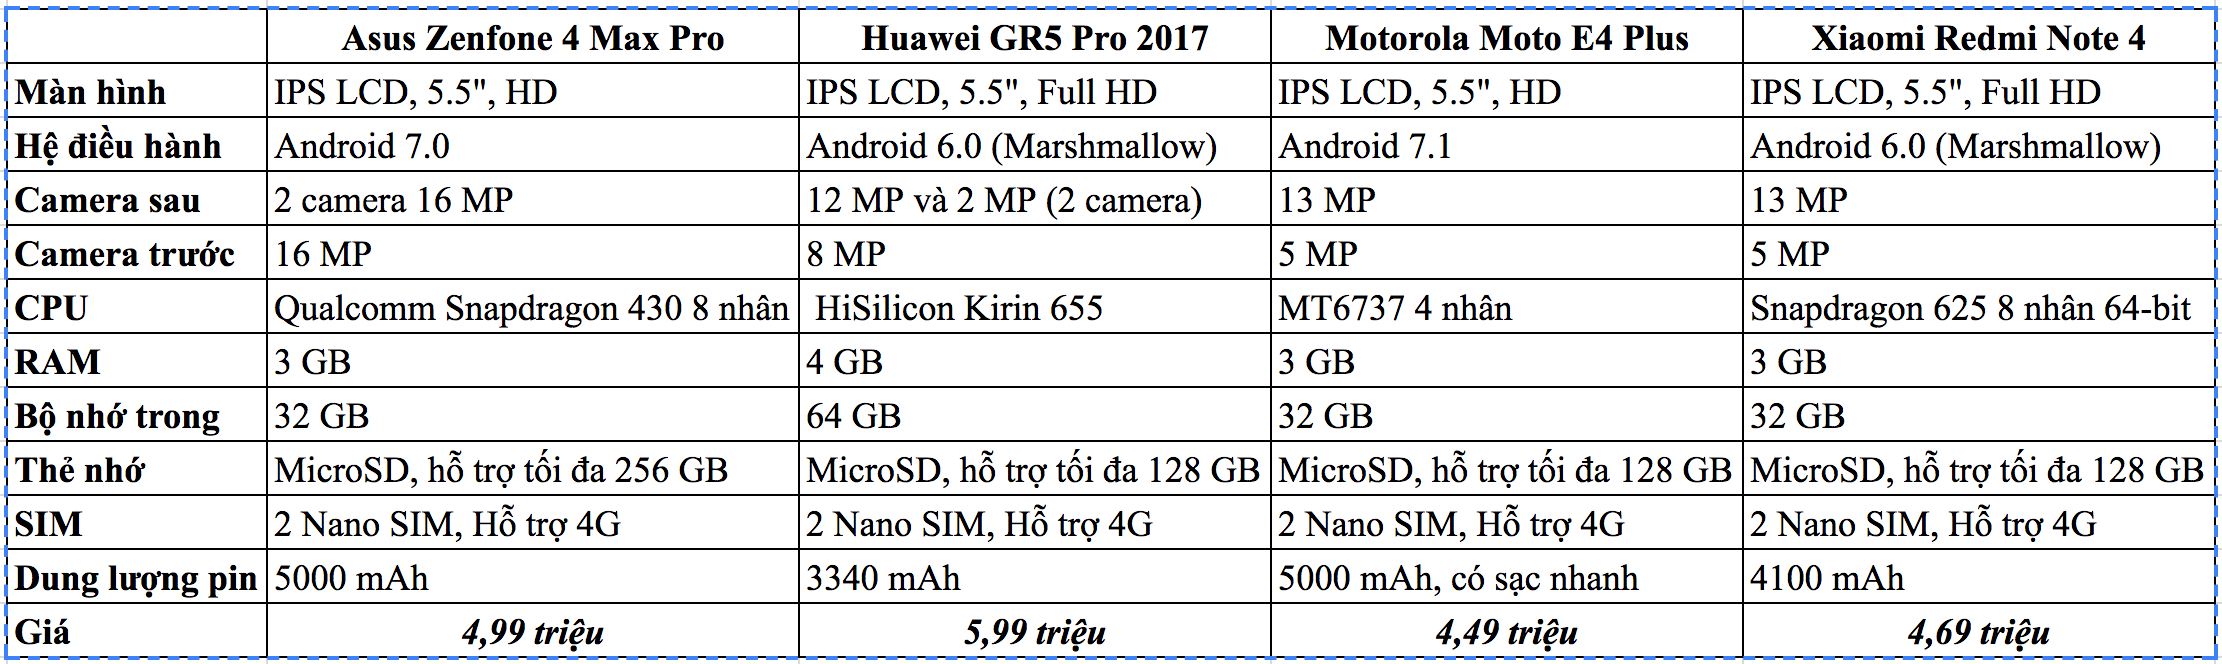 So cấu hình và giá Zenfone 4 Max Pro với các đối thủ cùng phân khúc